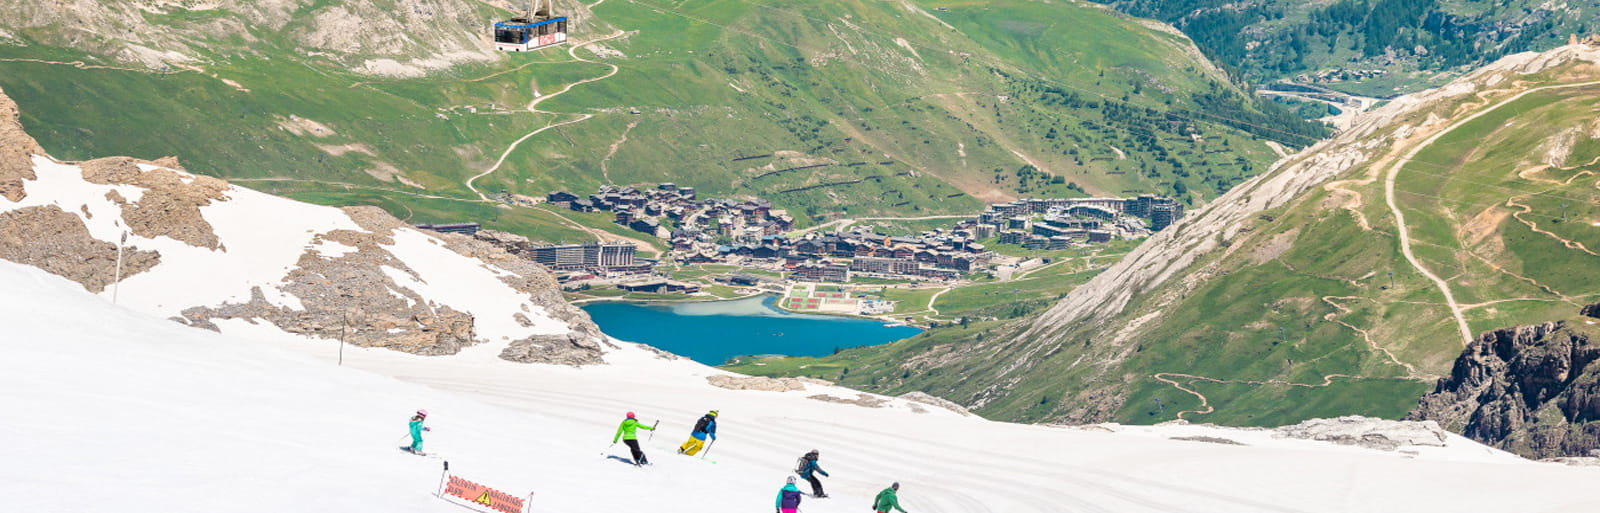 Deze zomer is het mogelijk om op een hoogte van 3000m te skiën onder de zon van Tignes.